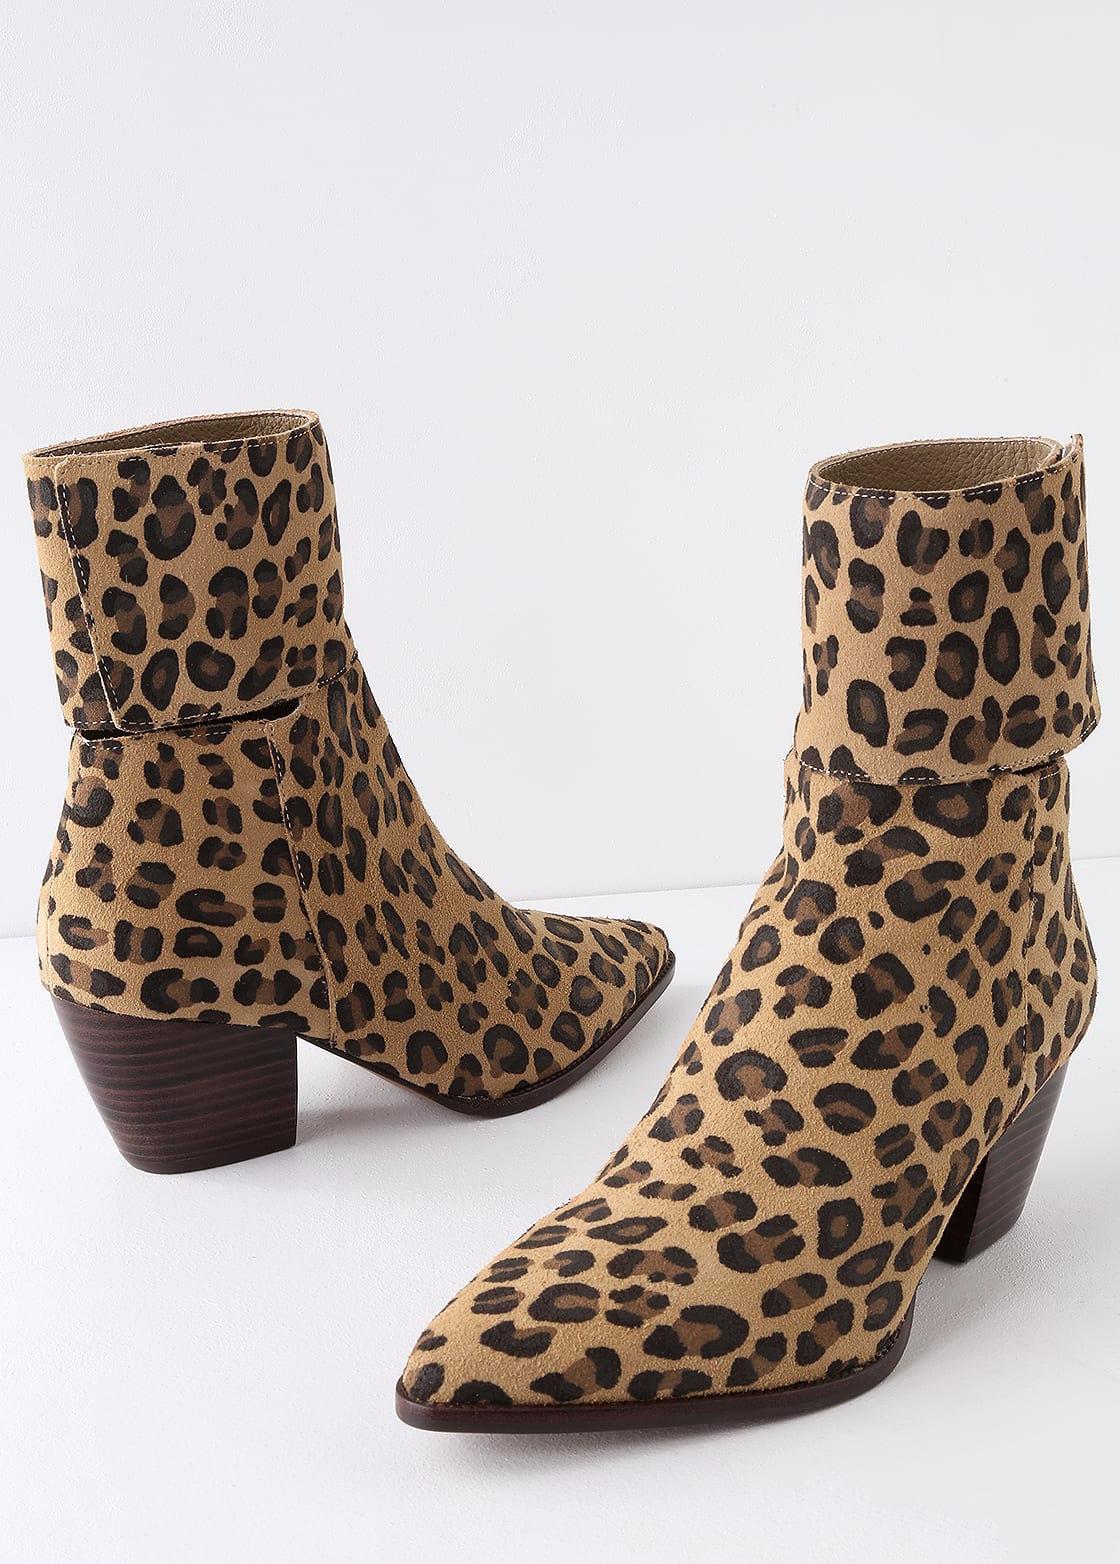 leopard+booties.jpg